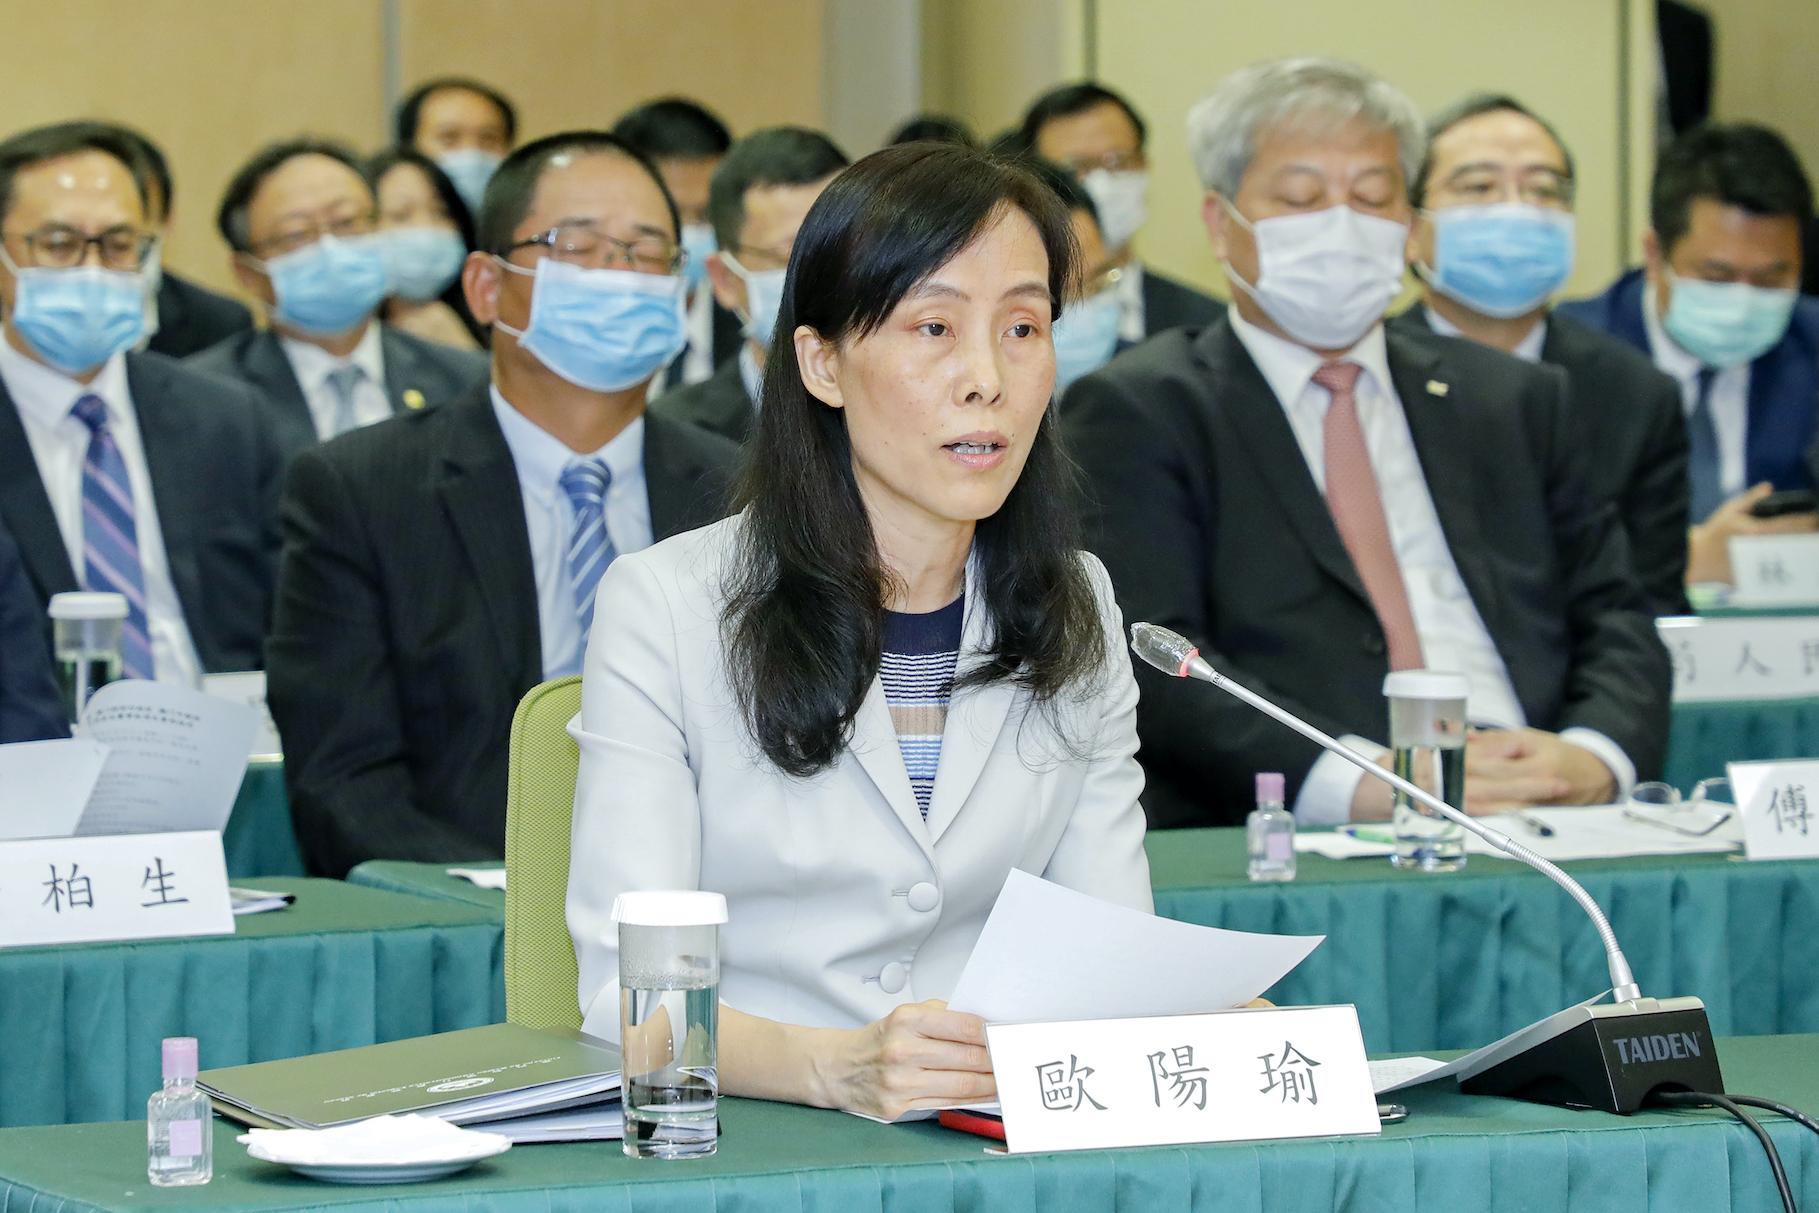 UNESCO | Elsie Ao Ieong U promoveu Macau em Pequim durante evento